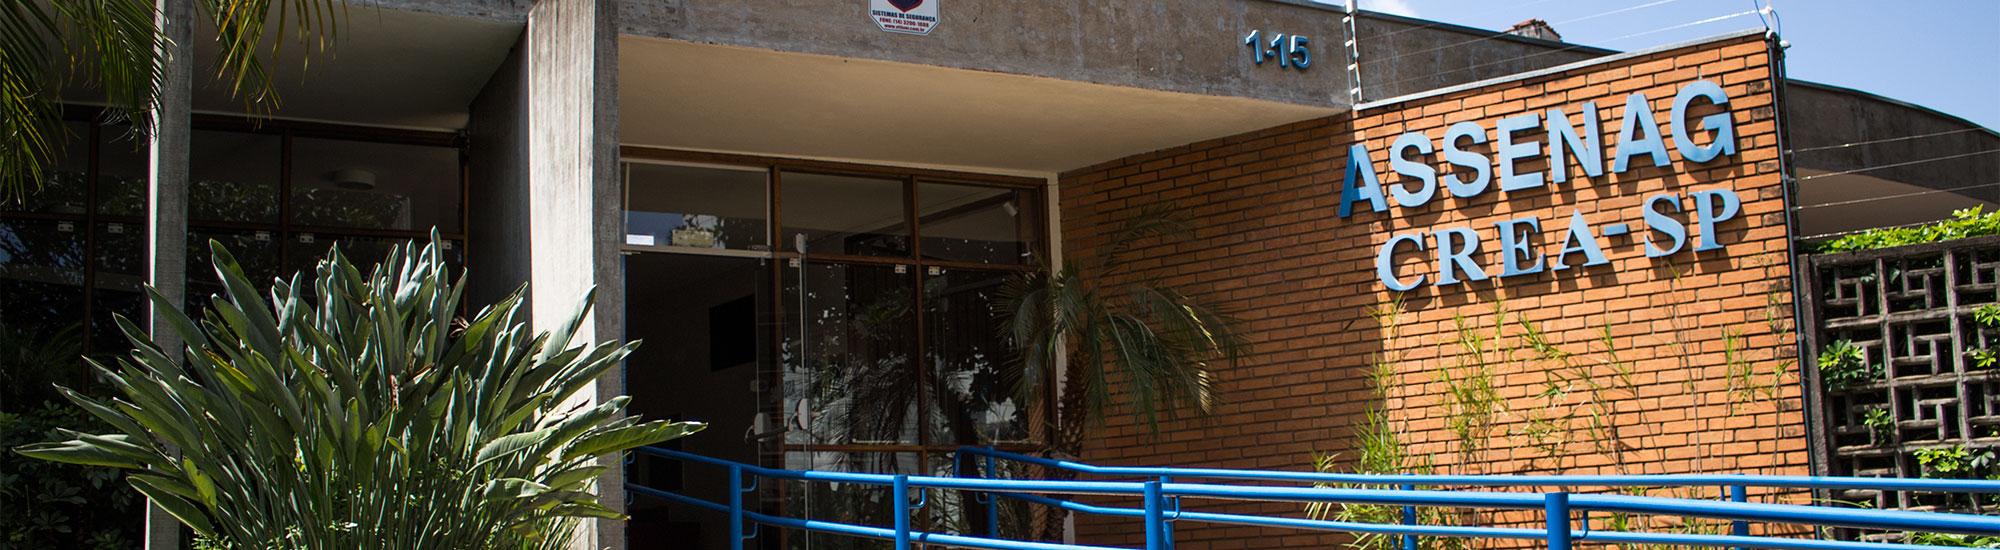 ASSENAG - Associação dos Engenheiros, Arquitetos e Agrônomos de Bauru